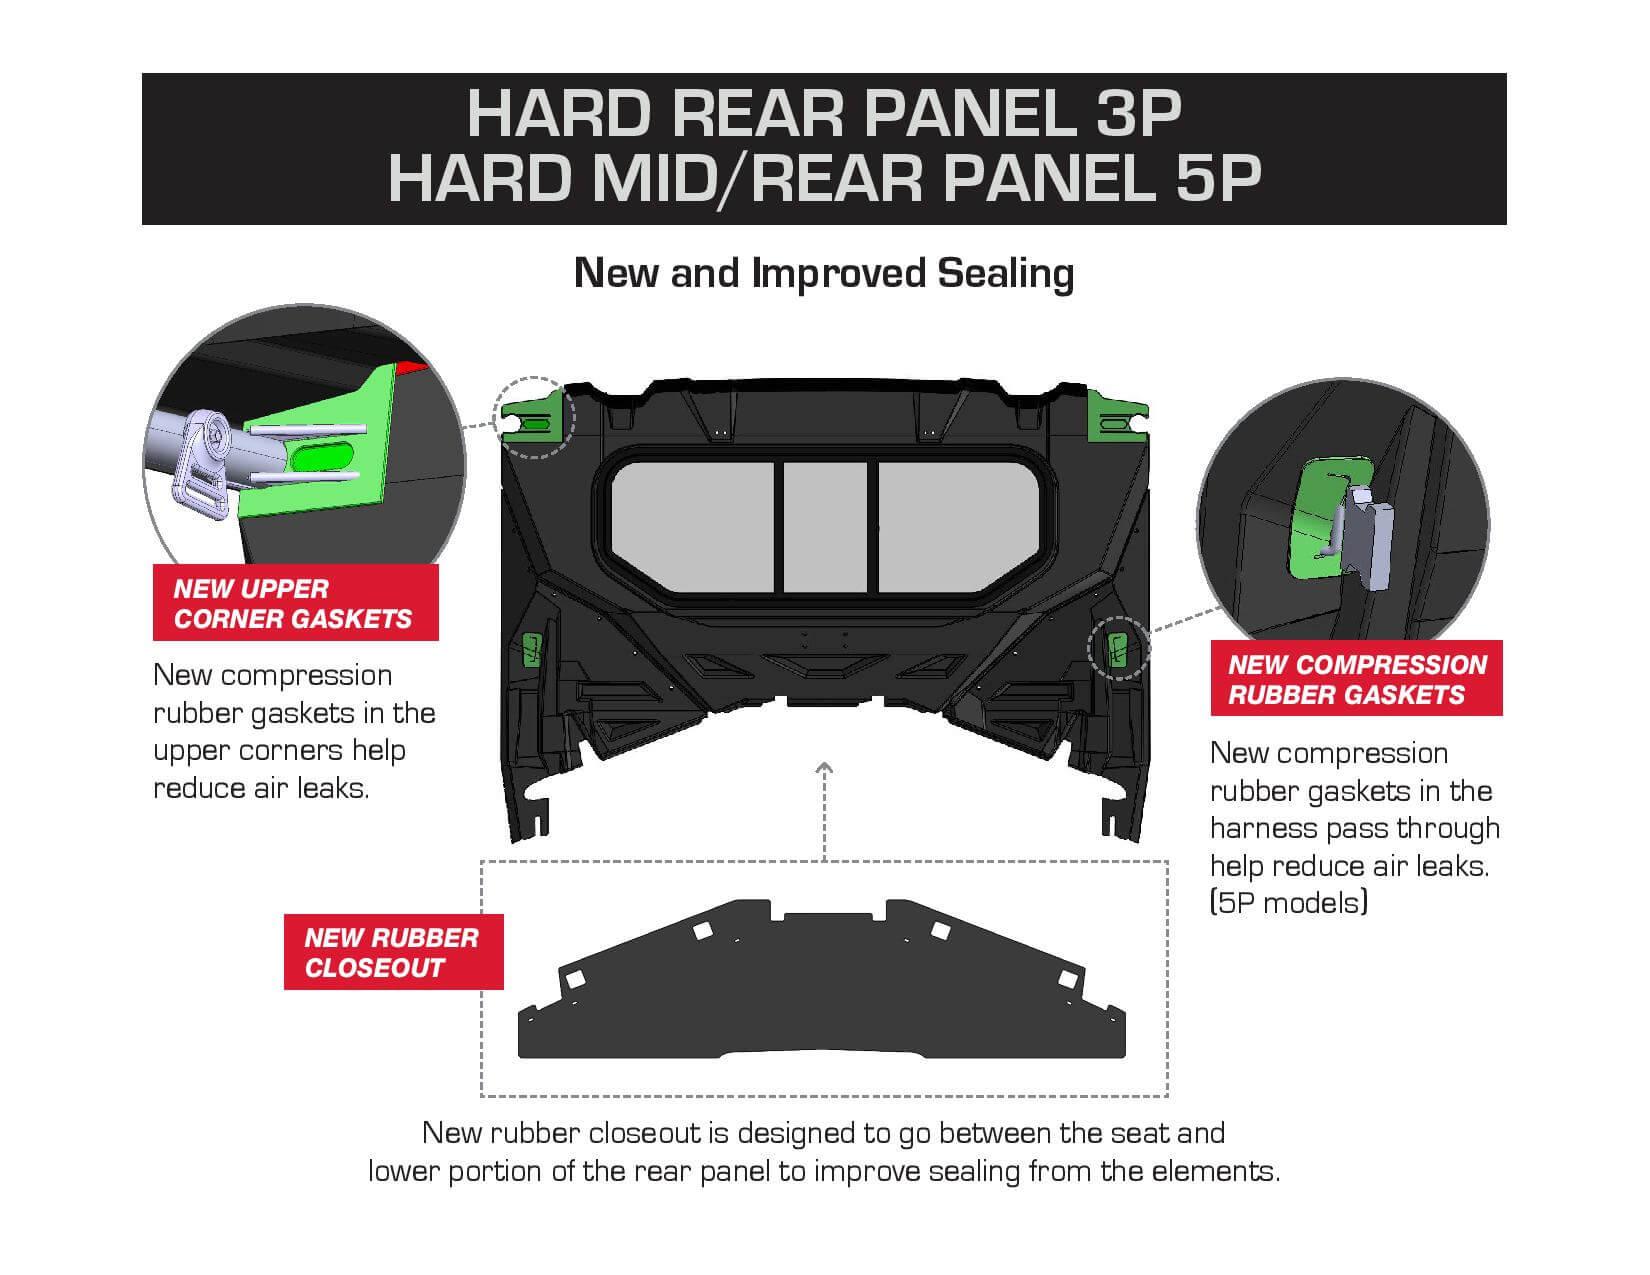 2021 Honda Pioneer 1000 / 1000-5 Hard Mid & Rear Panel | 0SU95-HL4-A50 / 0SU95-HL4-G50 / 0SU95-HL4-A30 / 0SU95-HL4-G30